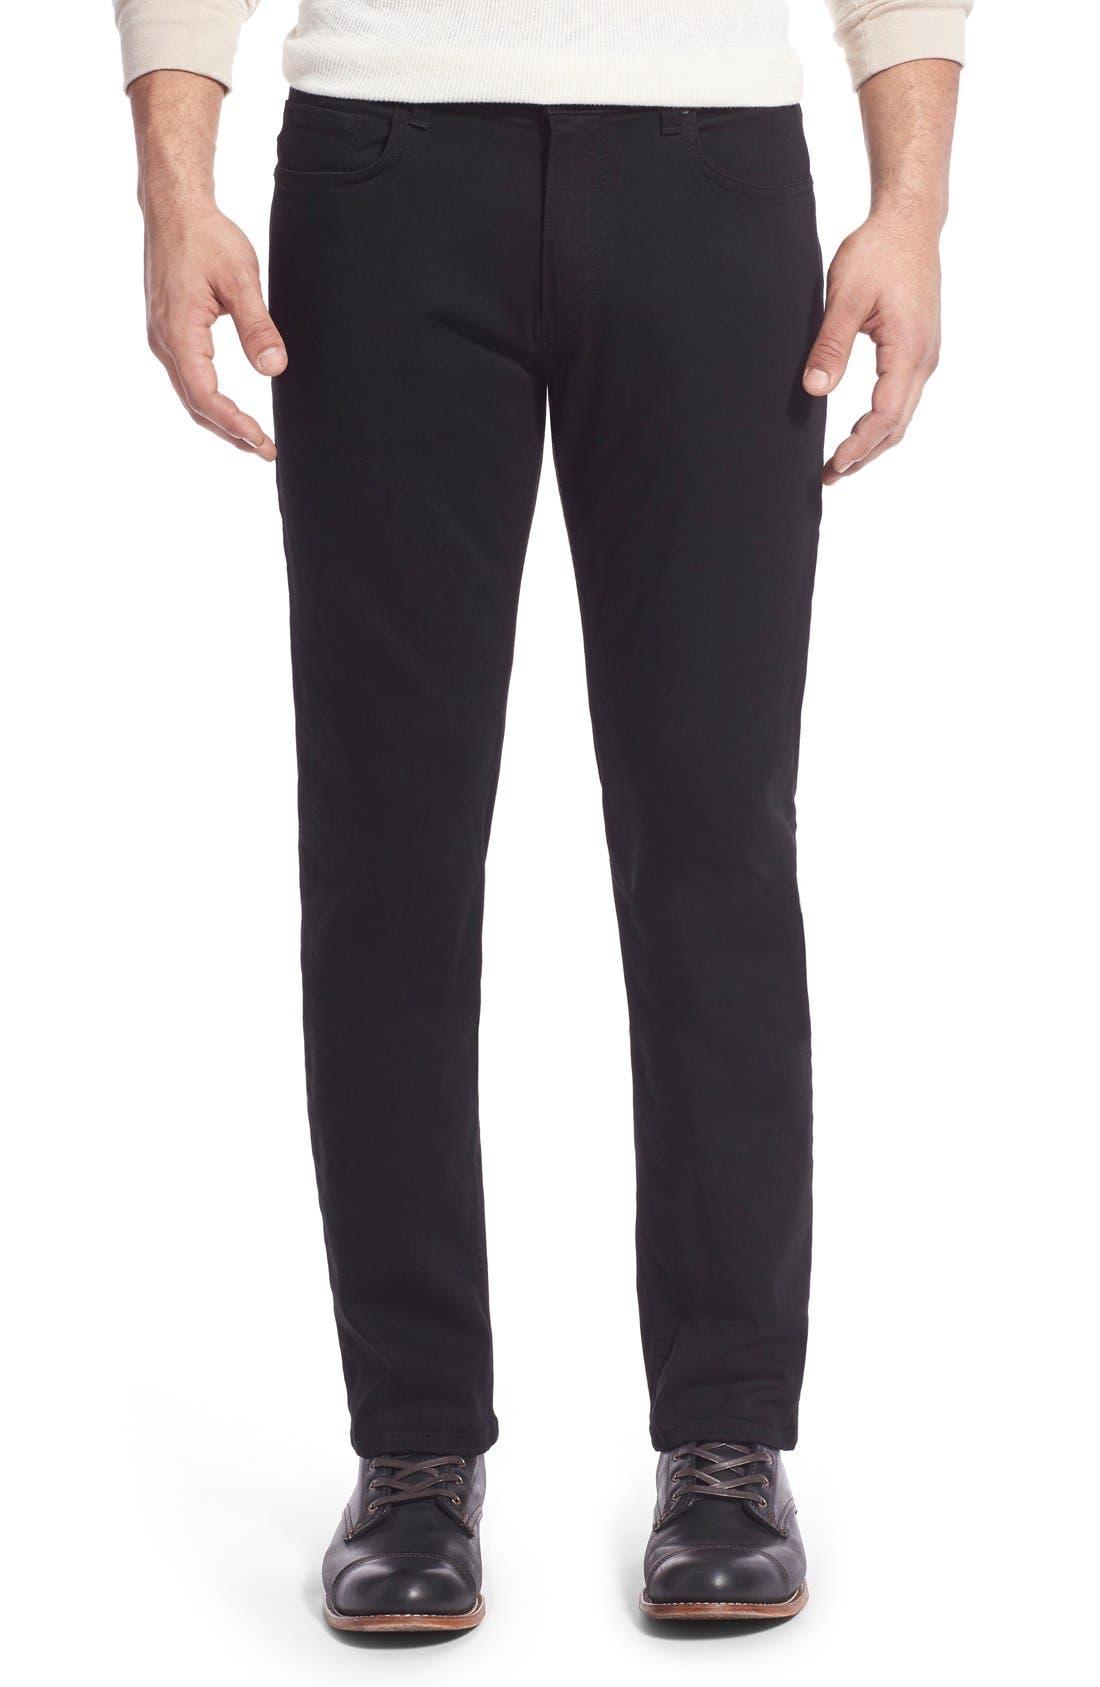 Transcend - Lennox Slim Fit Jeans,                             Main thumbnail 1, color,                             BLACK SHADOW